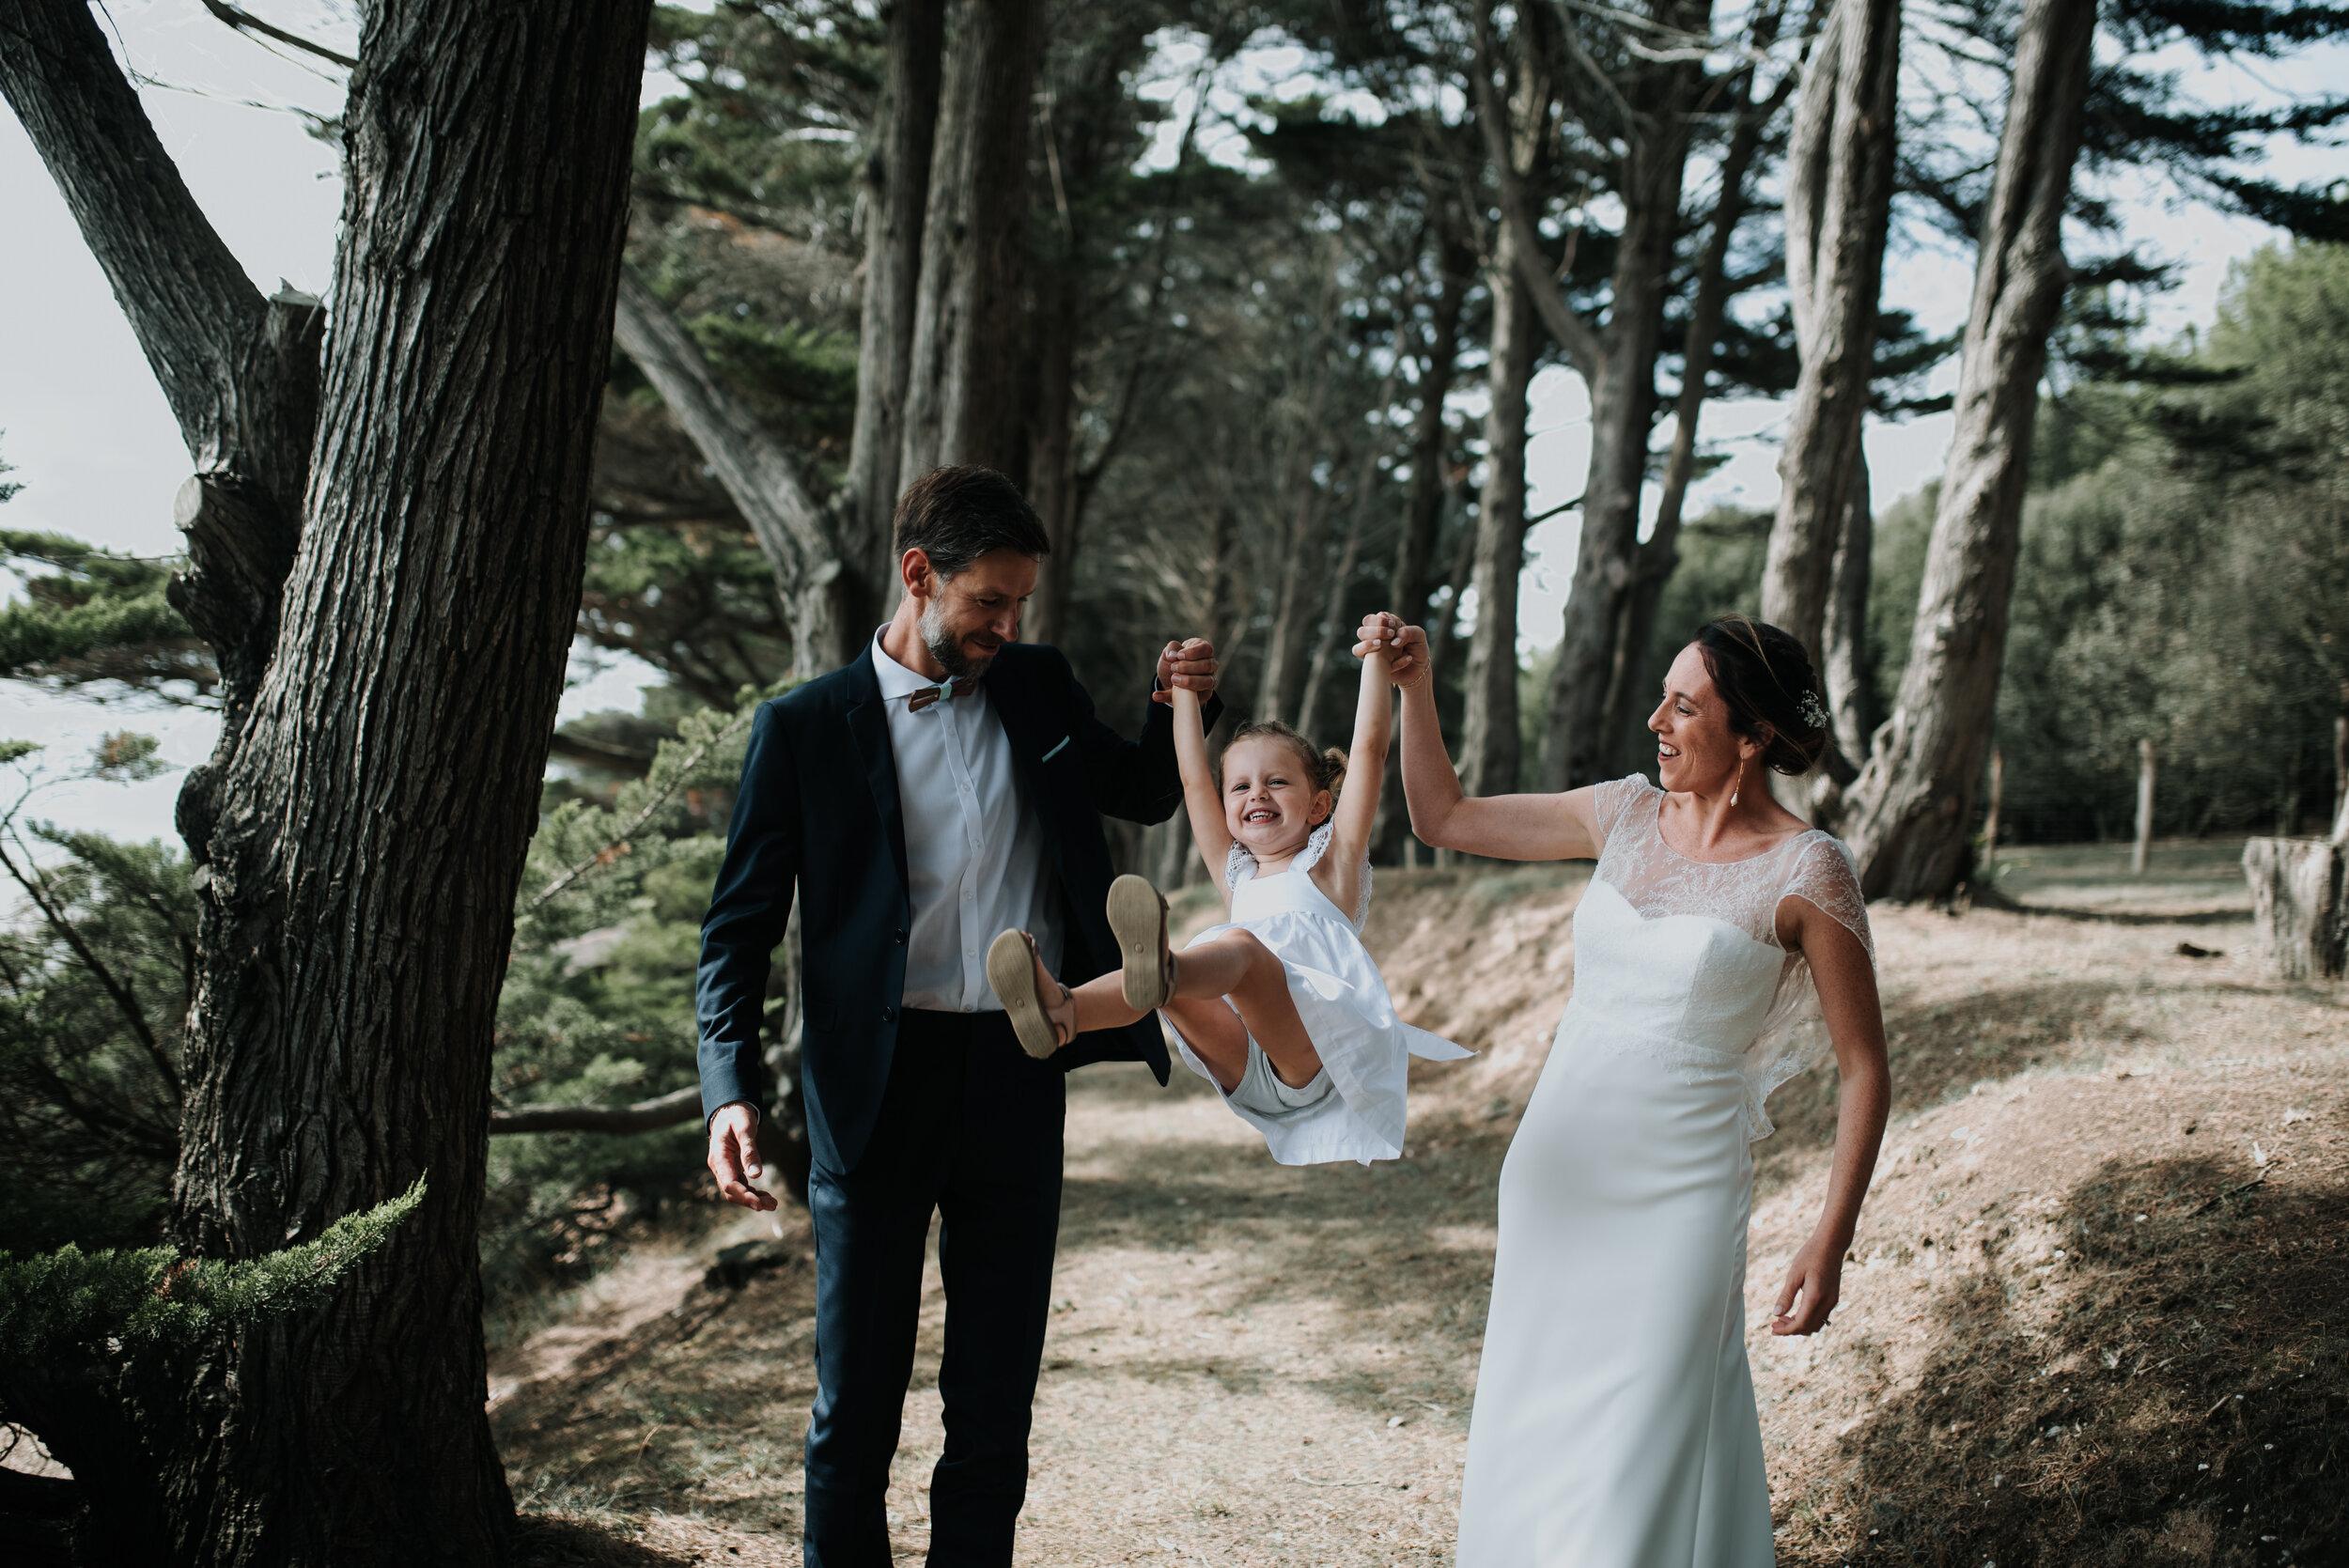 Léa-Fery-photographe-professionnel-Bretagne-portrait-creation-mariage-evenement-evenementiel-famille-6742.jpg